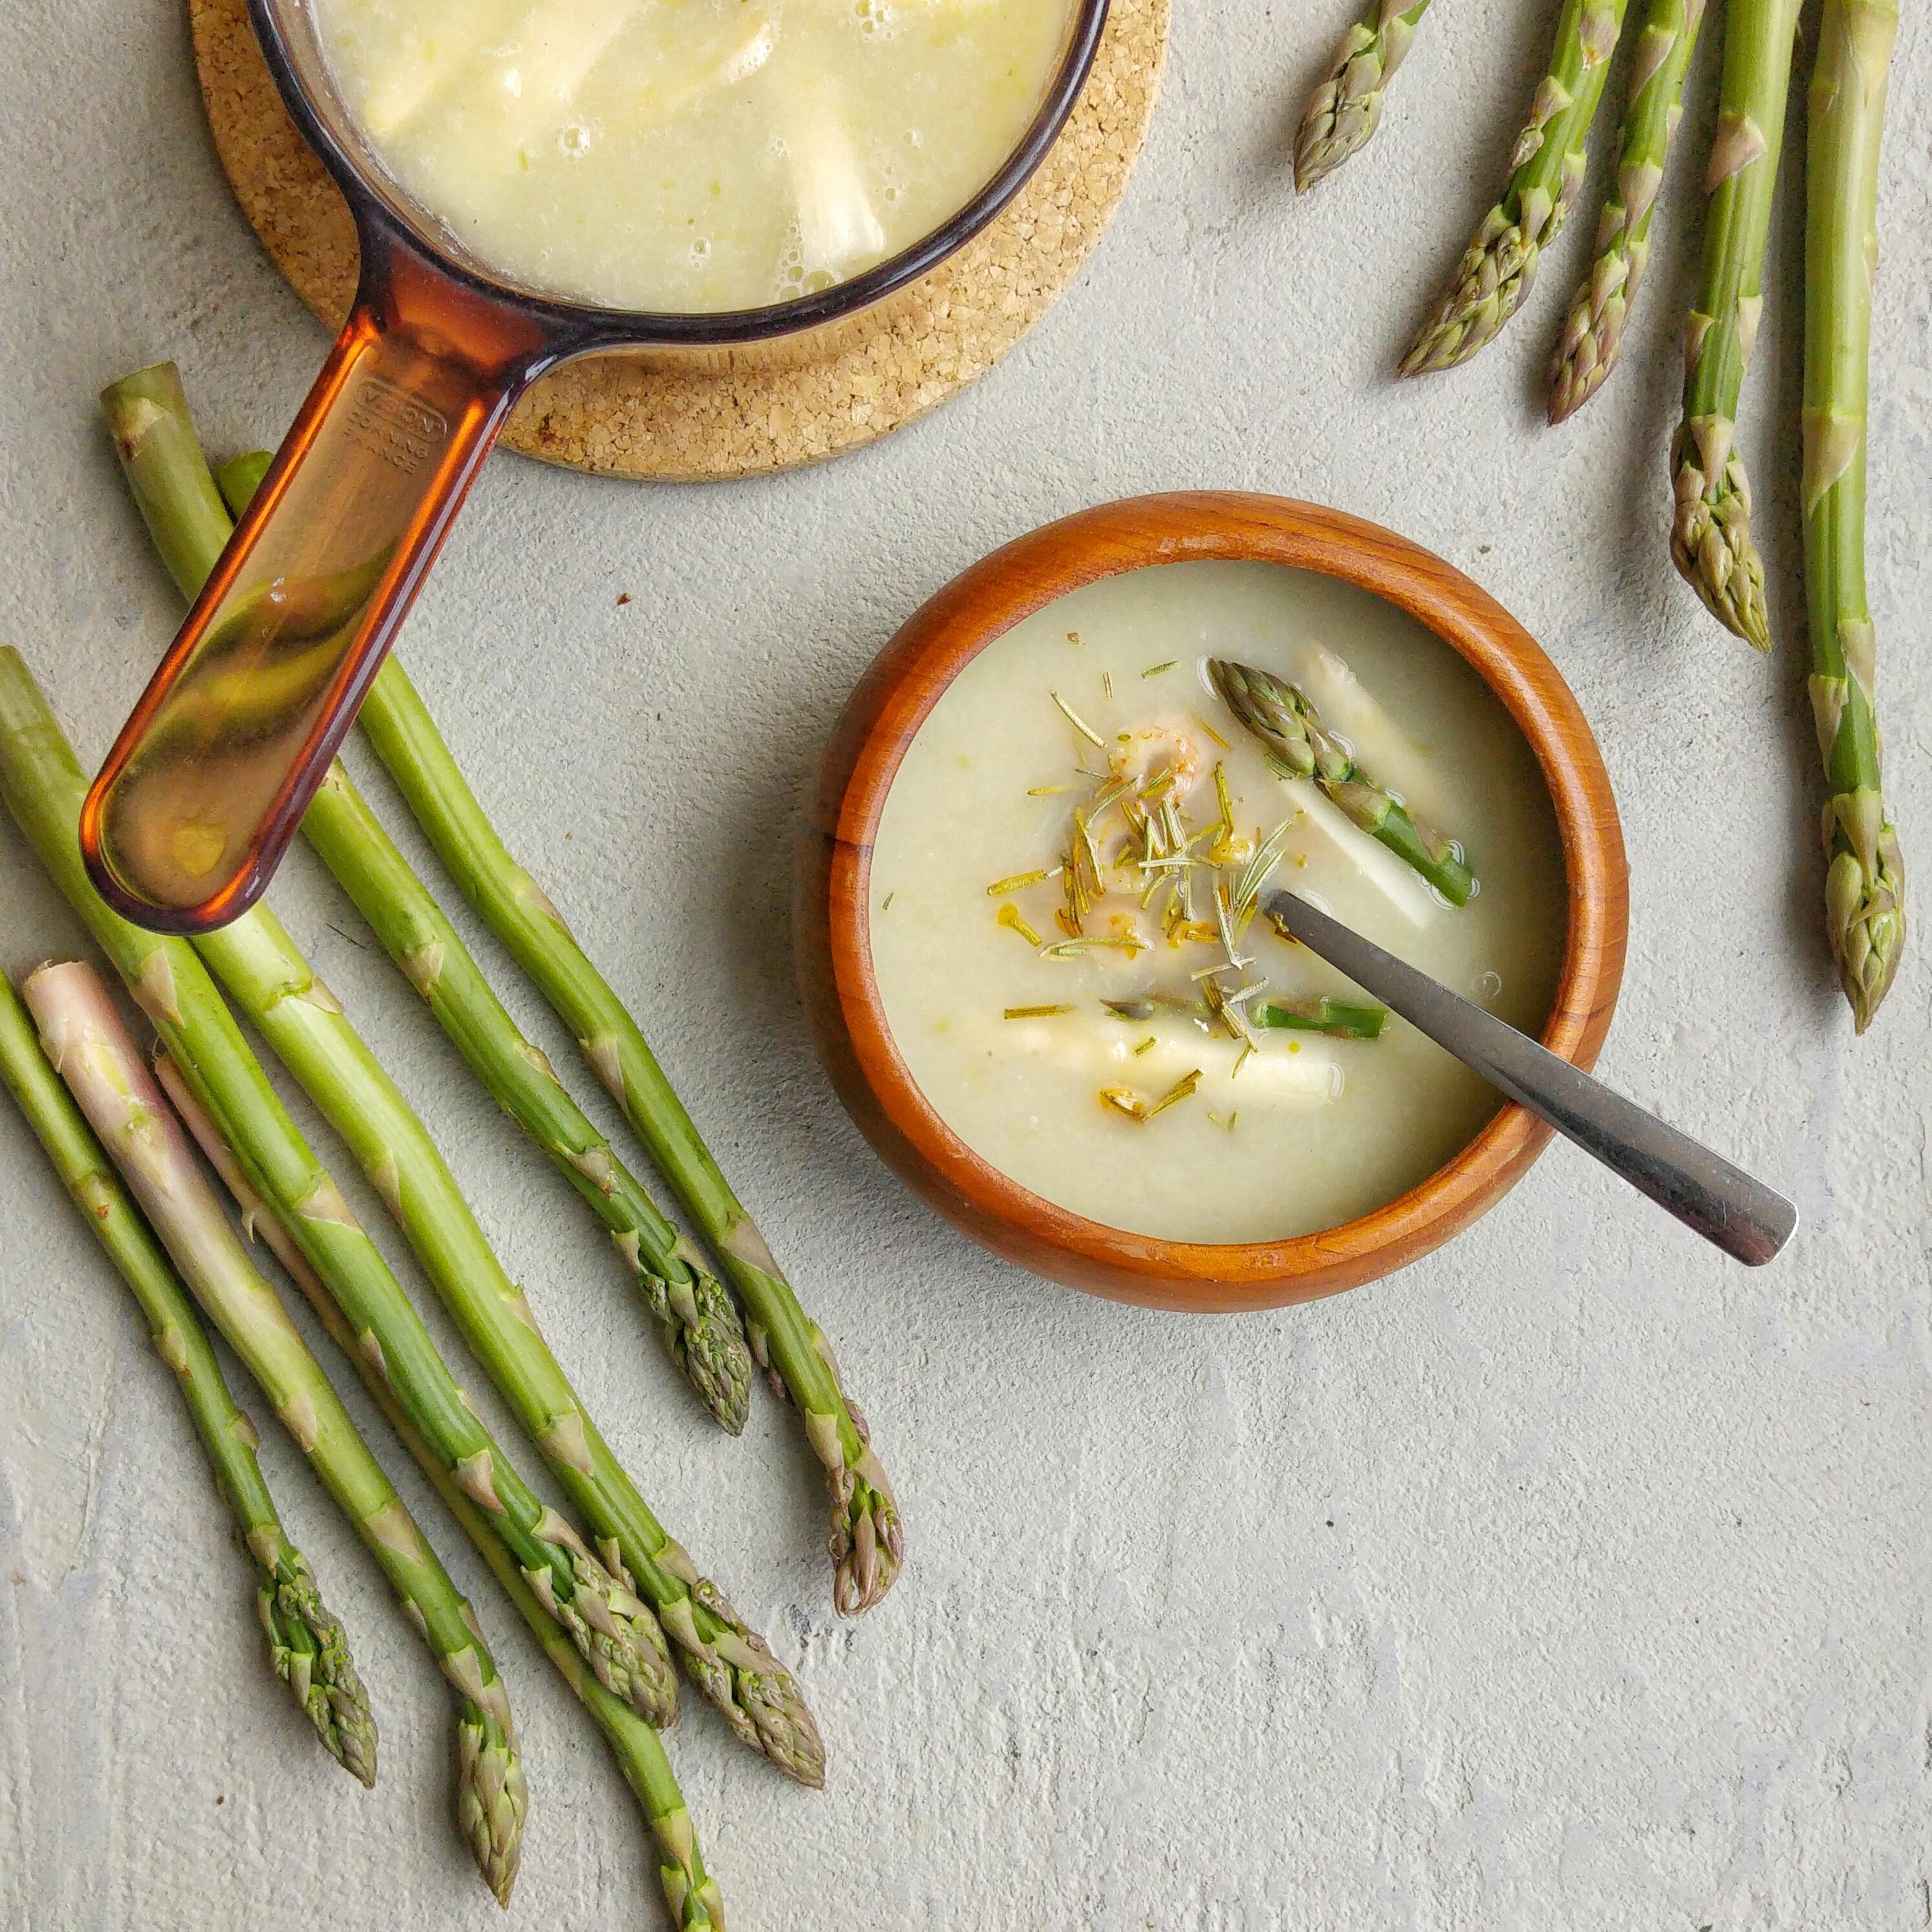 Lekker licht asperge-soep recept, zonder room, zonder roux - en toch heel erg lekker. Gratis printable recept, inclusief seizoensgroentenkalender.